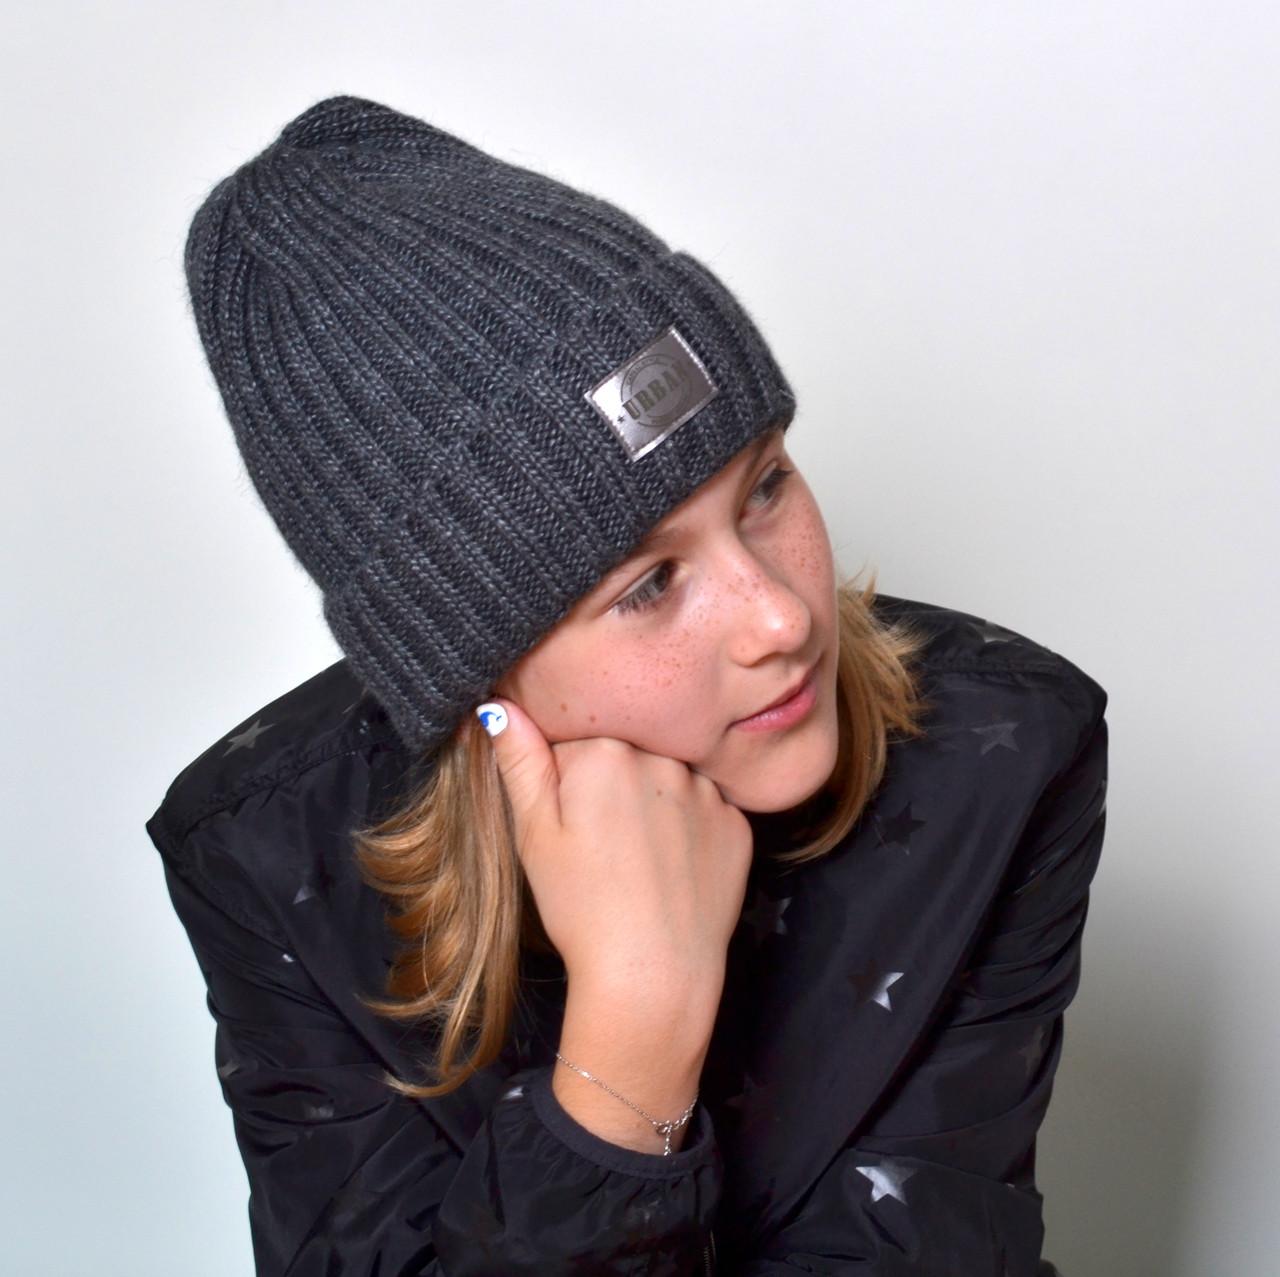 079 Зимняя шапка Урбан с флисом. разм: р.52-54(4-7 лет) и р.54-56 (от 7 лет). Есть много цветов